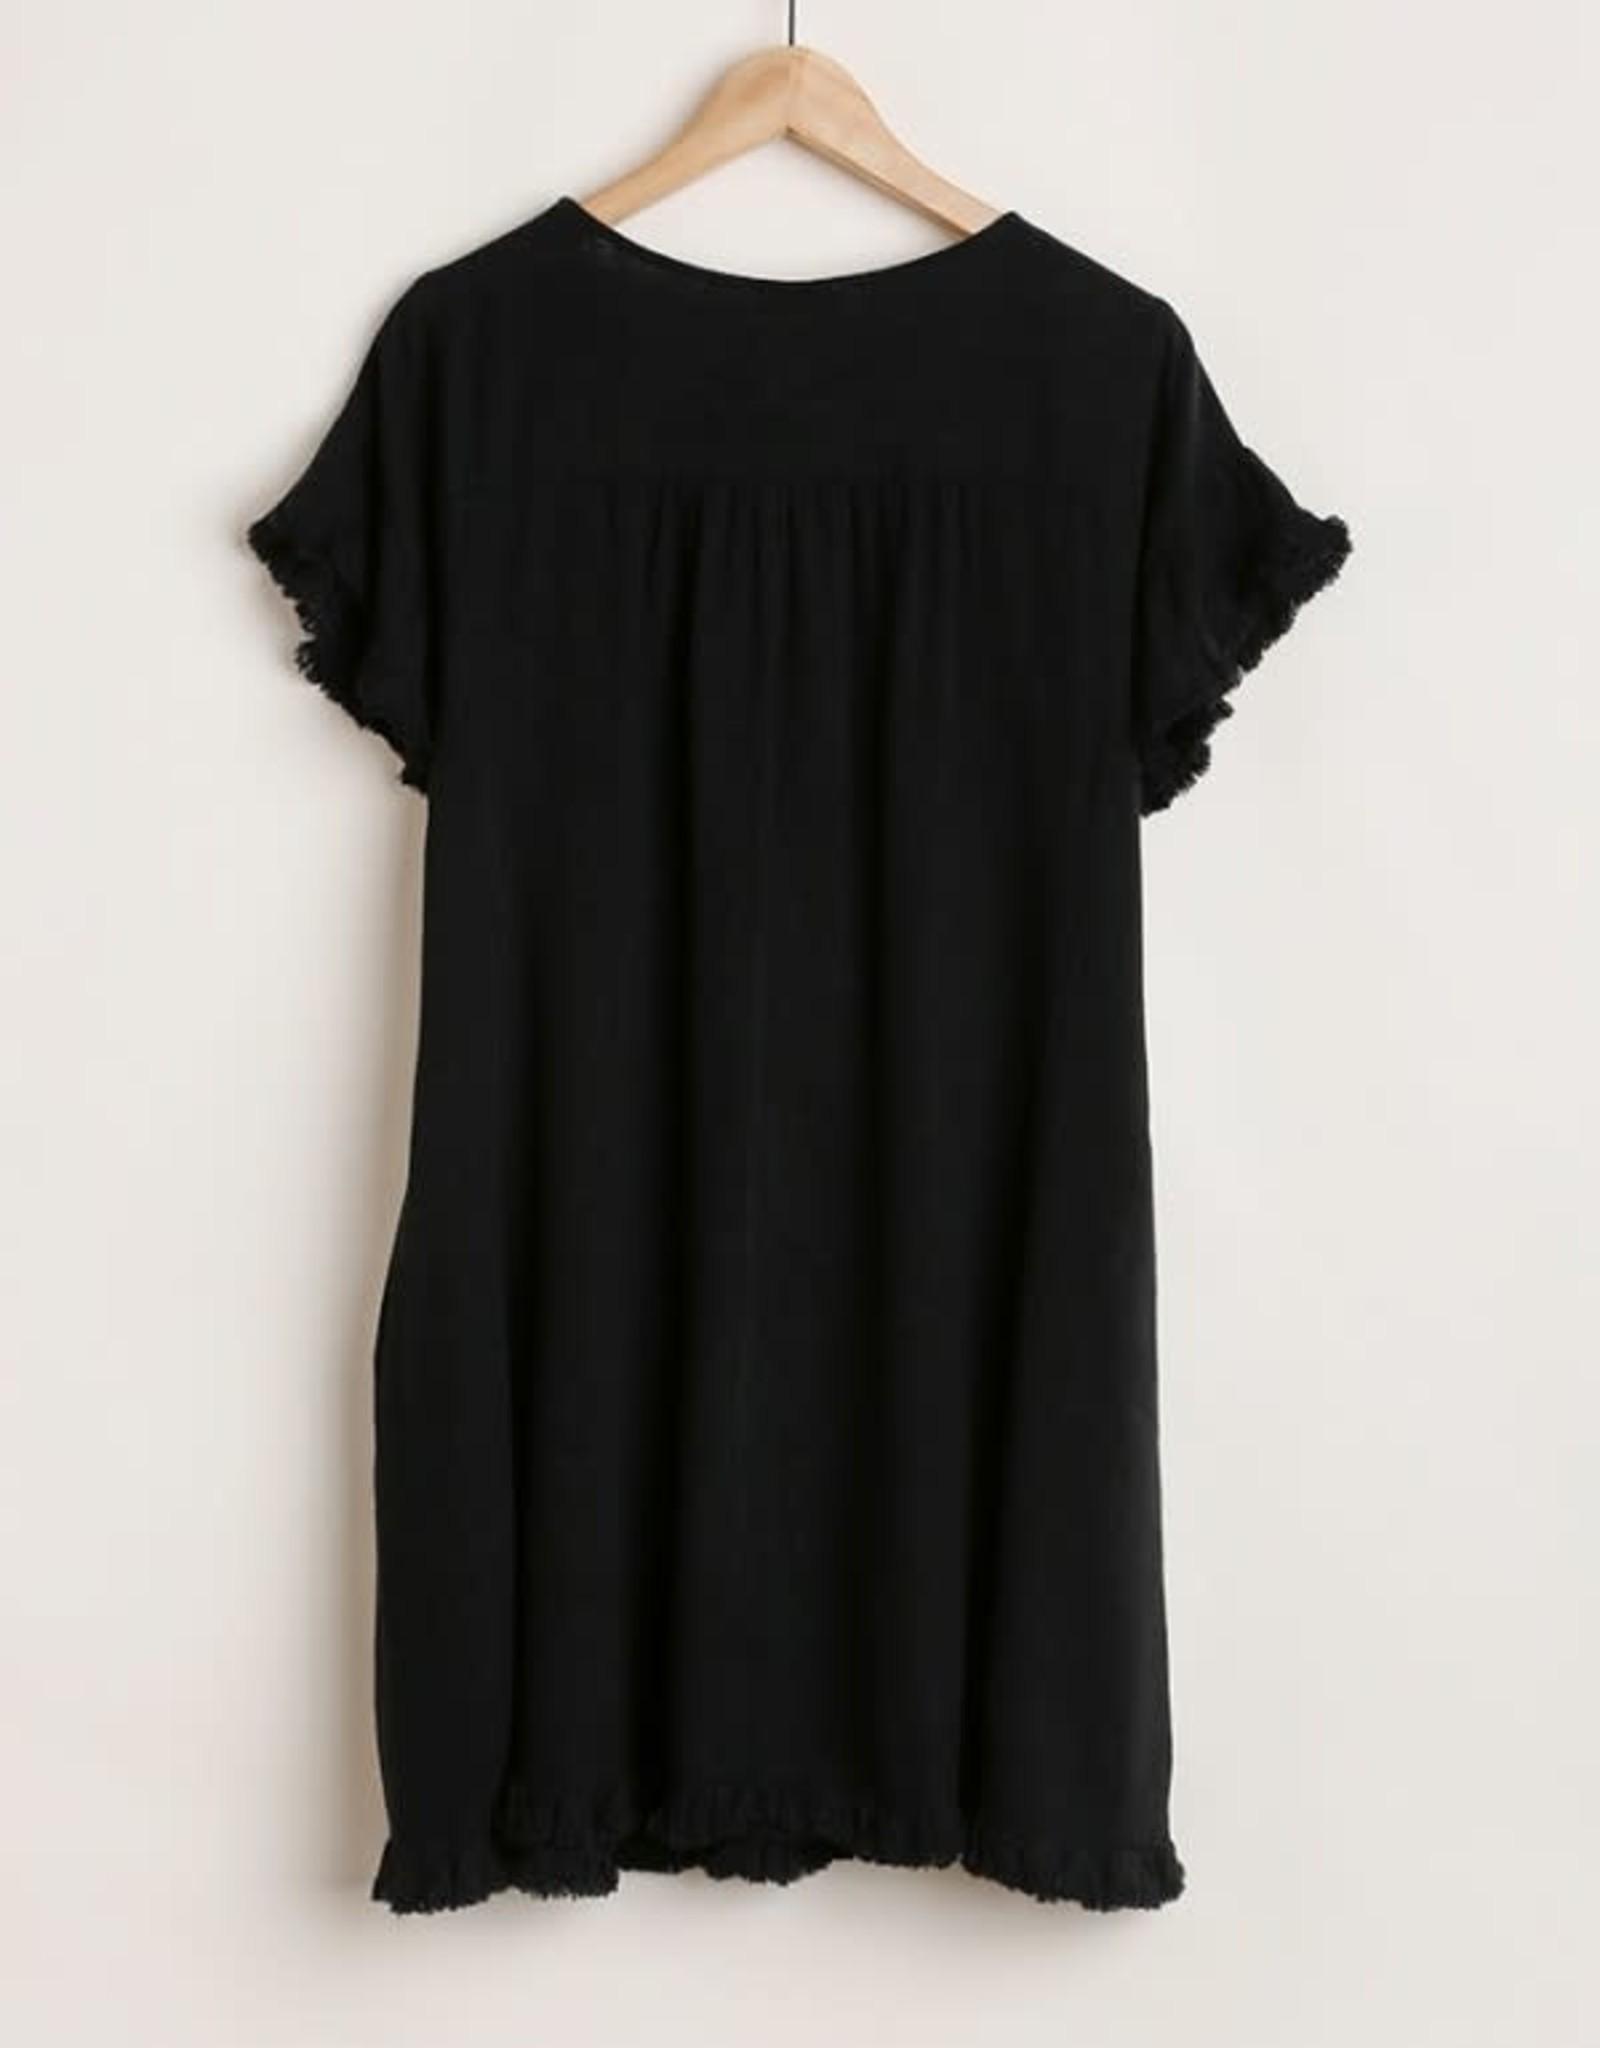 Umgee Short Ruffle Sleeve Round Neck Dress 5 Colors